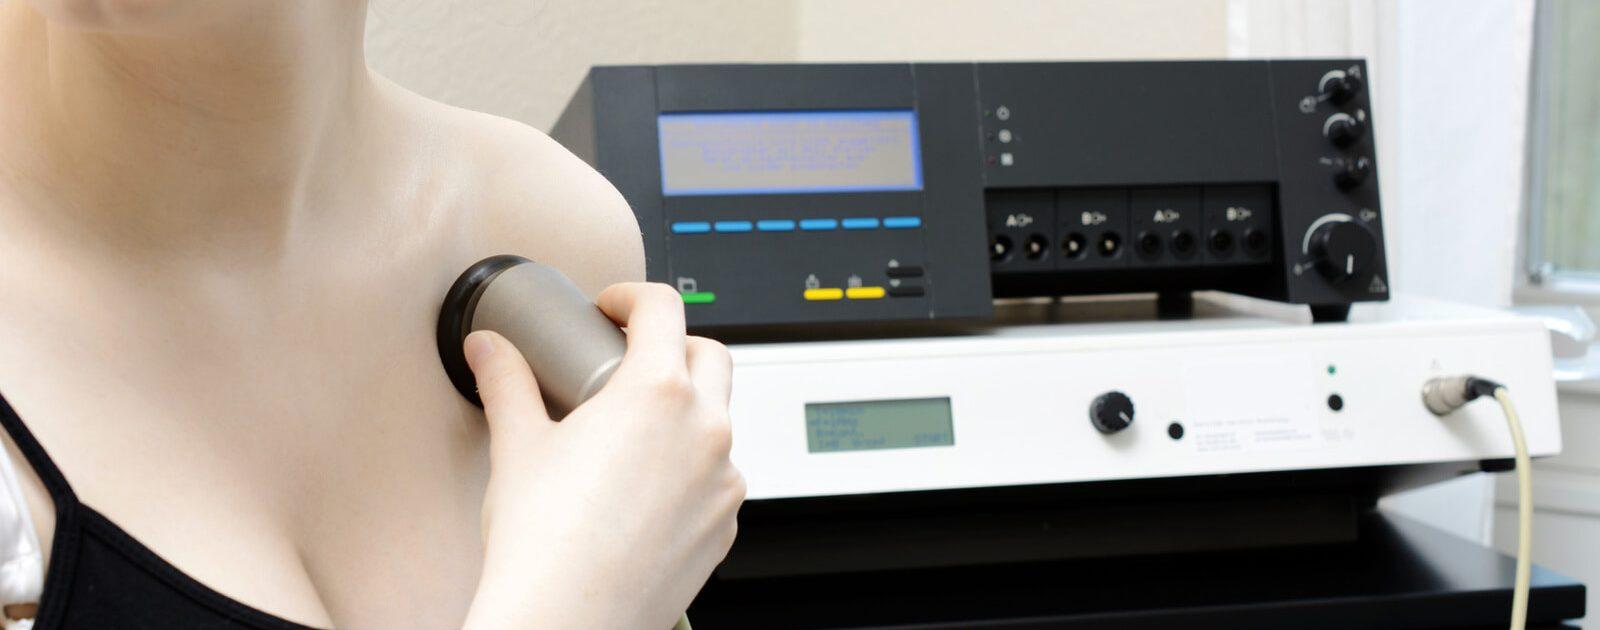 Frau bei der Bioresonanztherapie gegen Rückenschmerzen